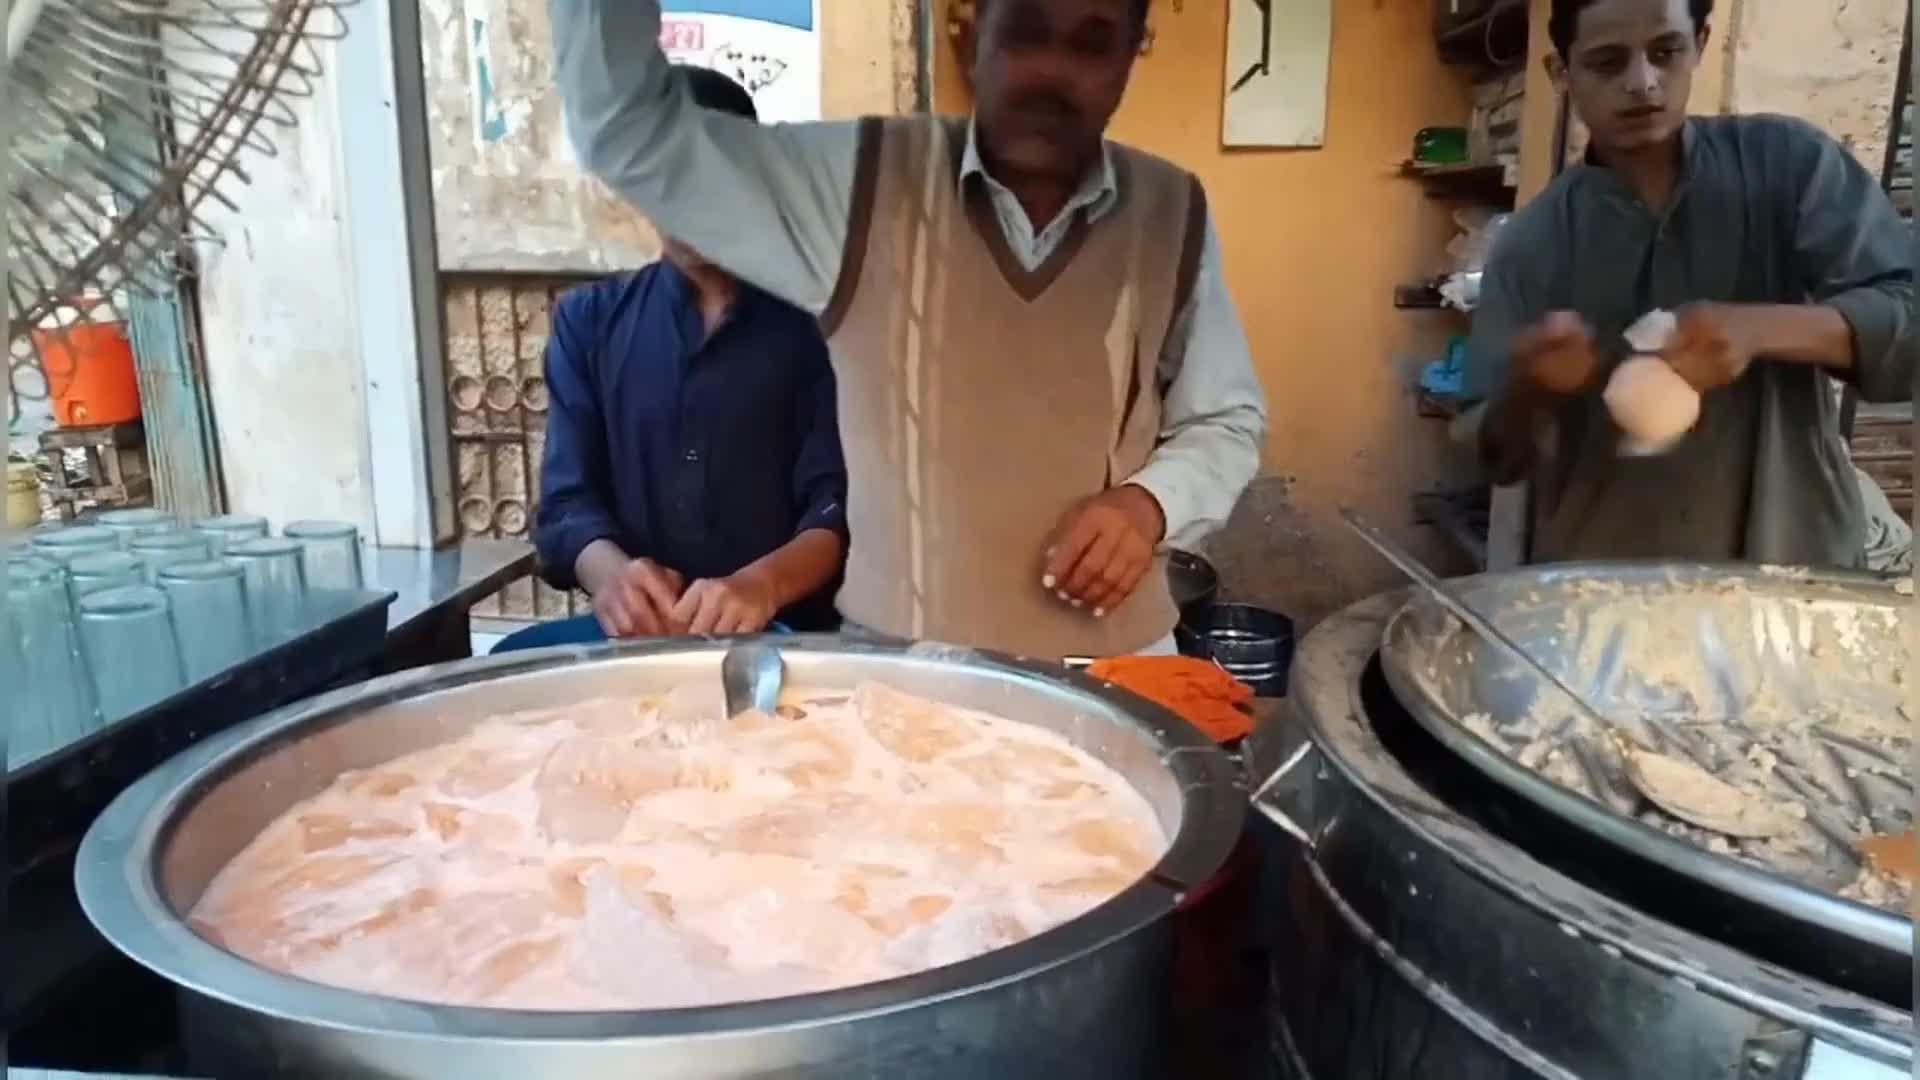 印度街头的热销饮料,看着老板嘴角叼着的烟头,好怕掉到桶里面!